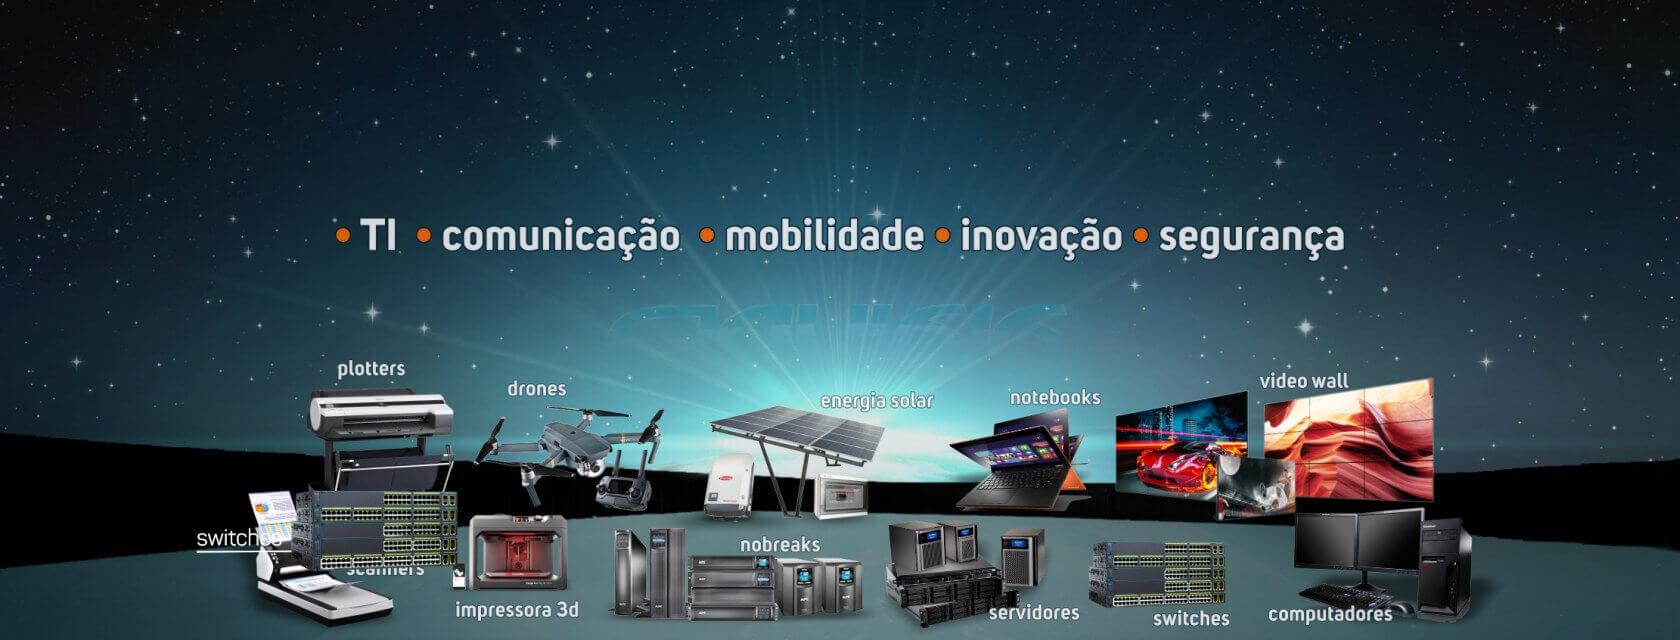 Banner da Home